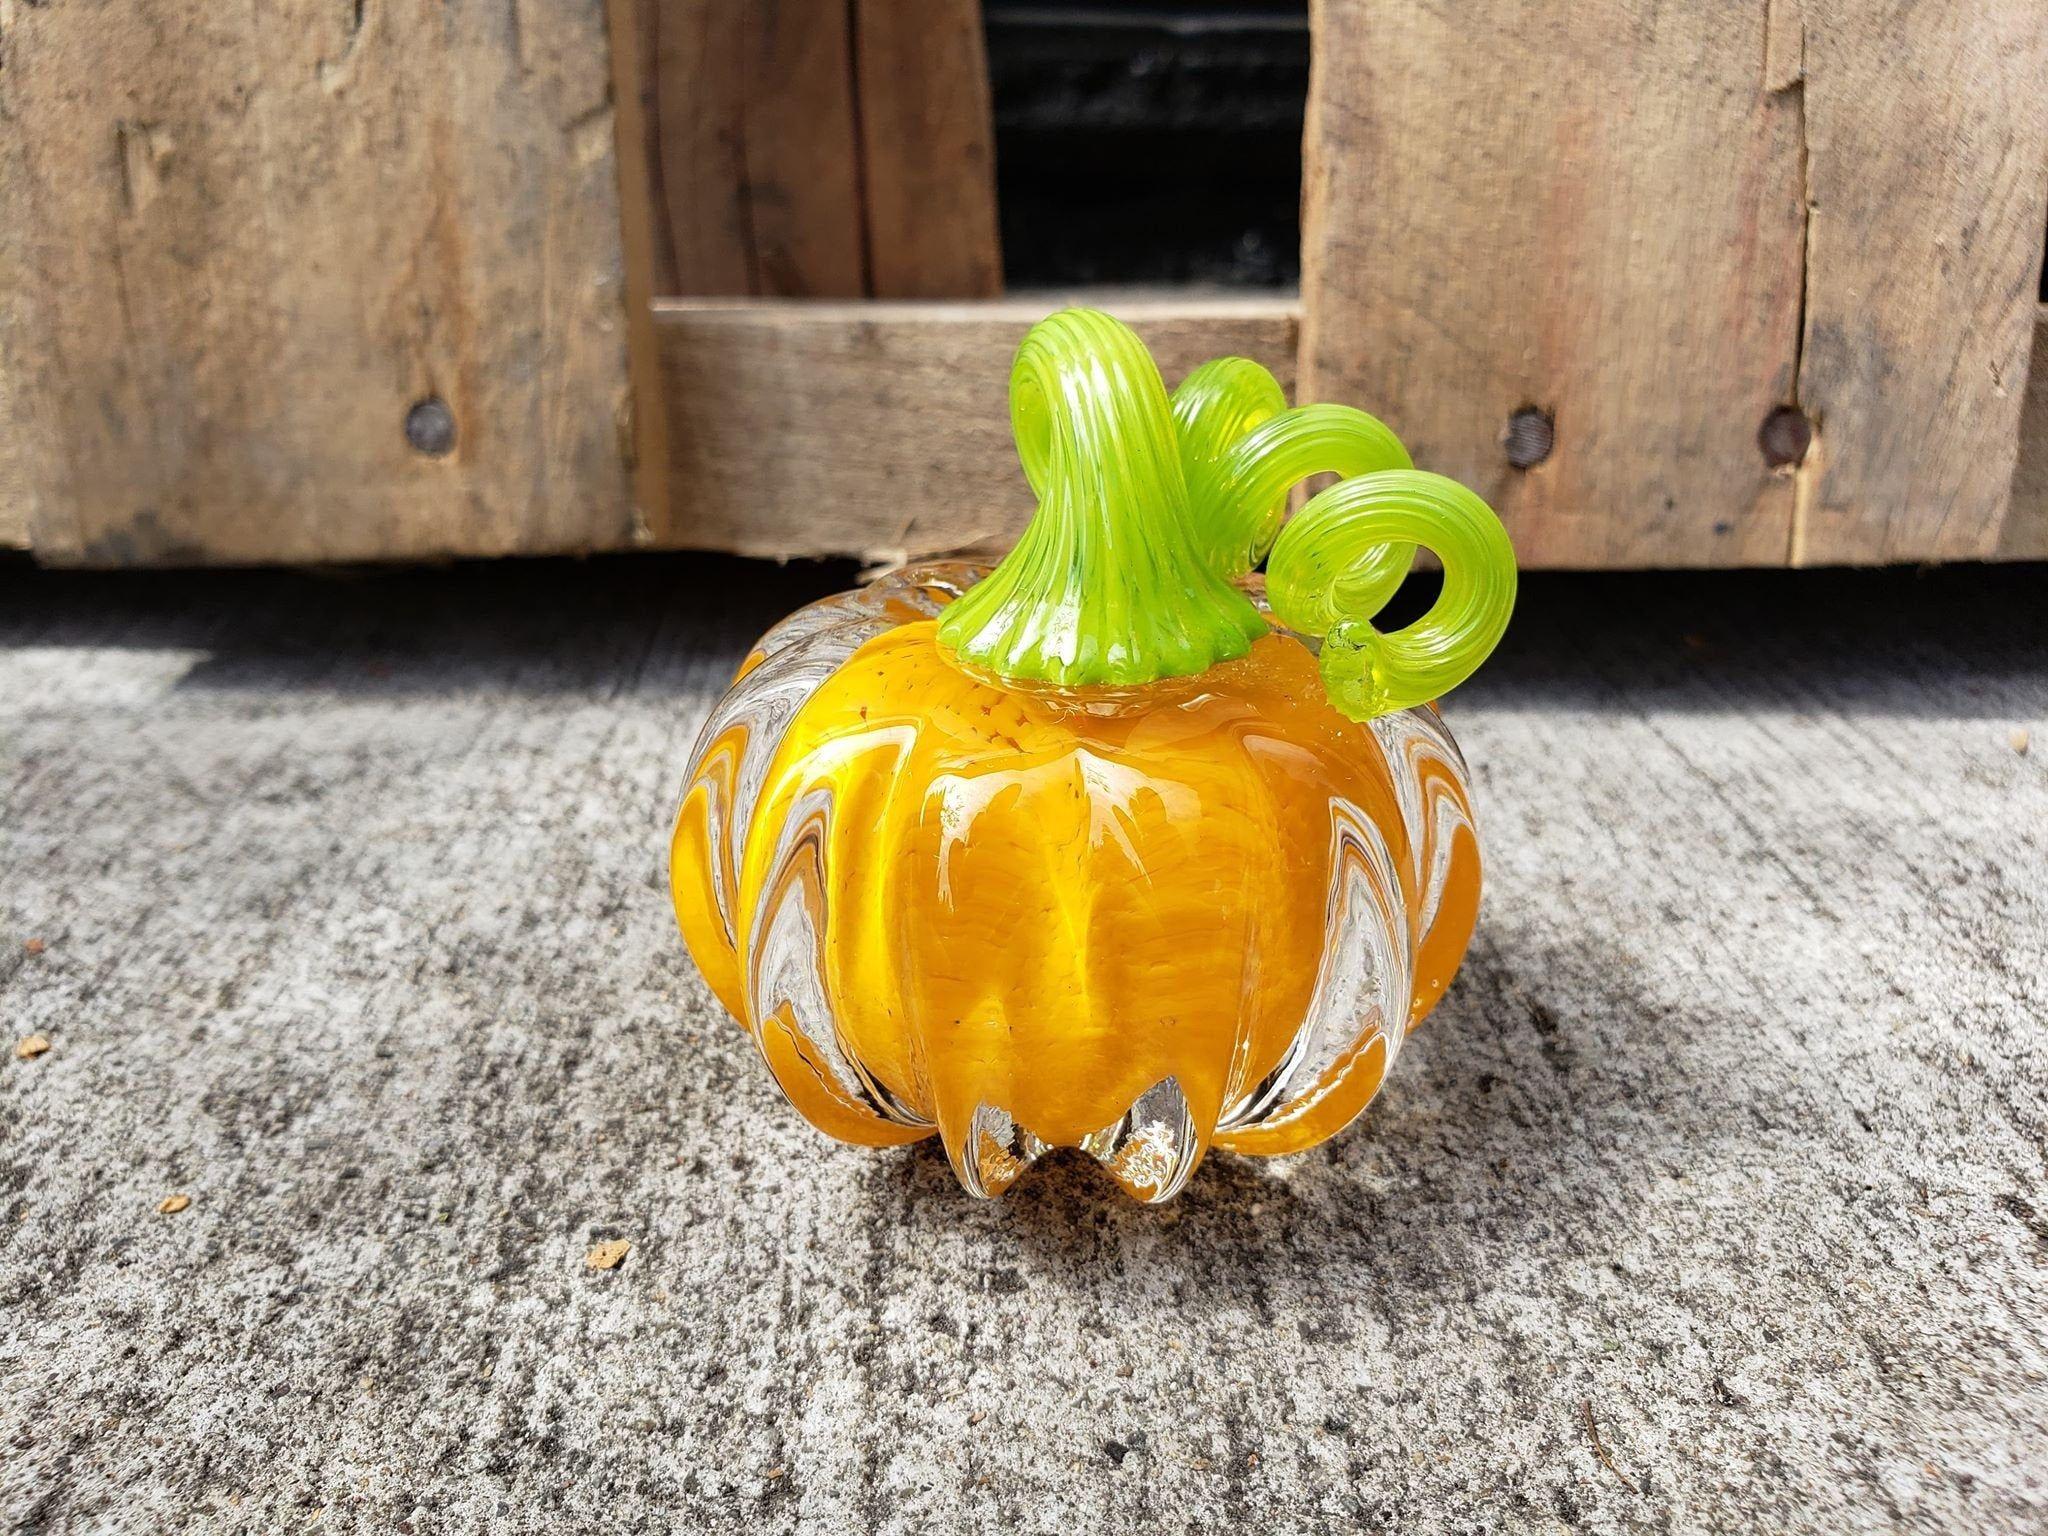 Avalon Glassworks 4.5 Decorative Curly Stem Squash Sculpture Halloween Thanksgiving Autumn Decor Orange /& Green Hand Blown Glass Pumpkin